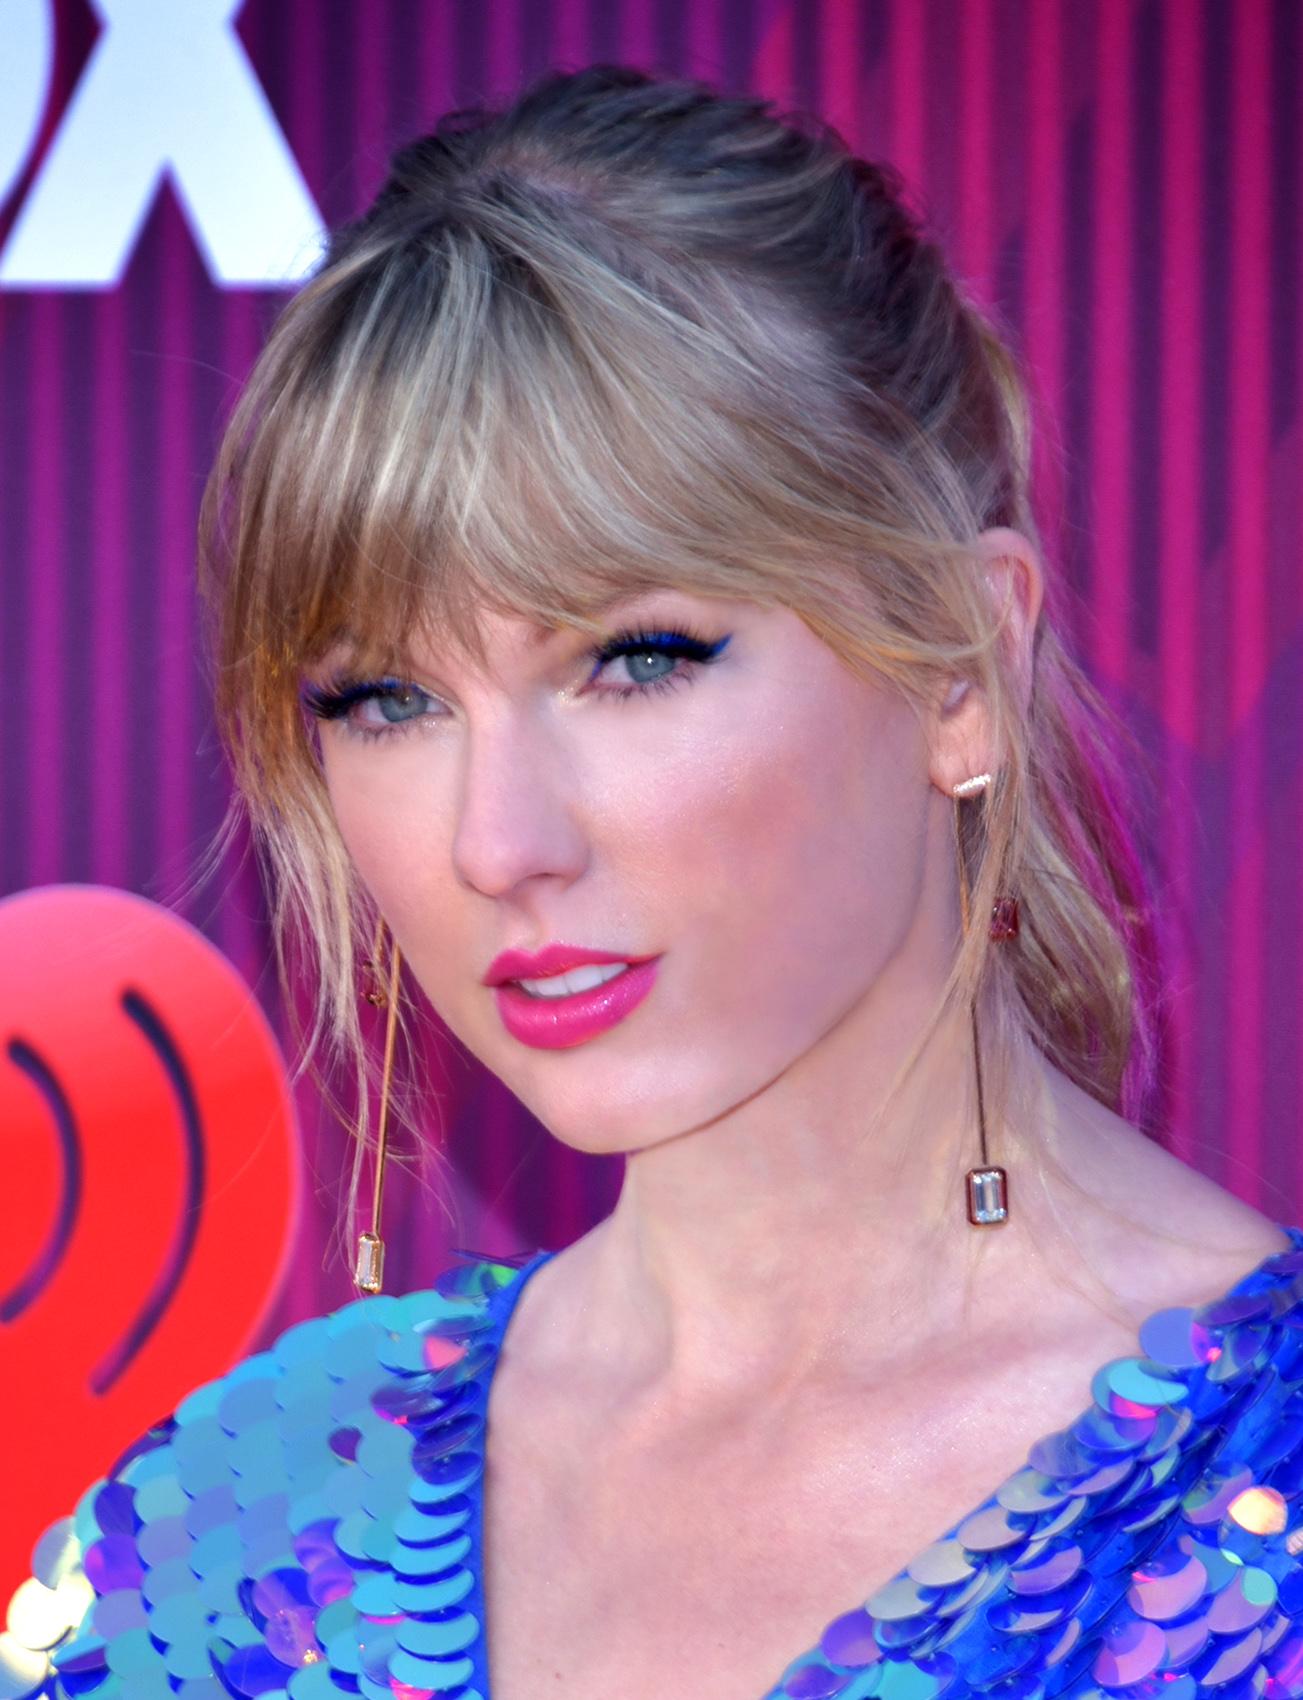 Taylor Swift - Wikipedia